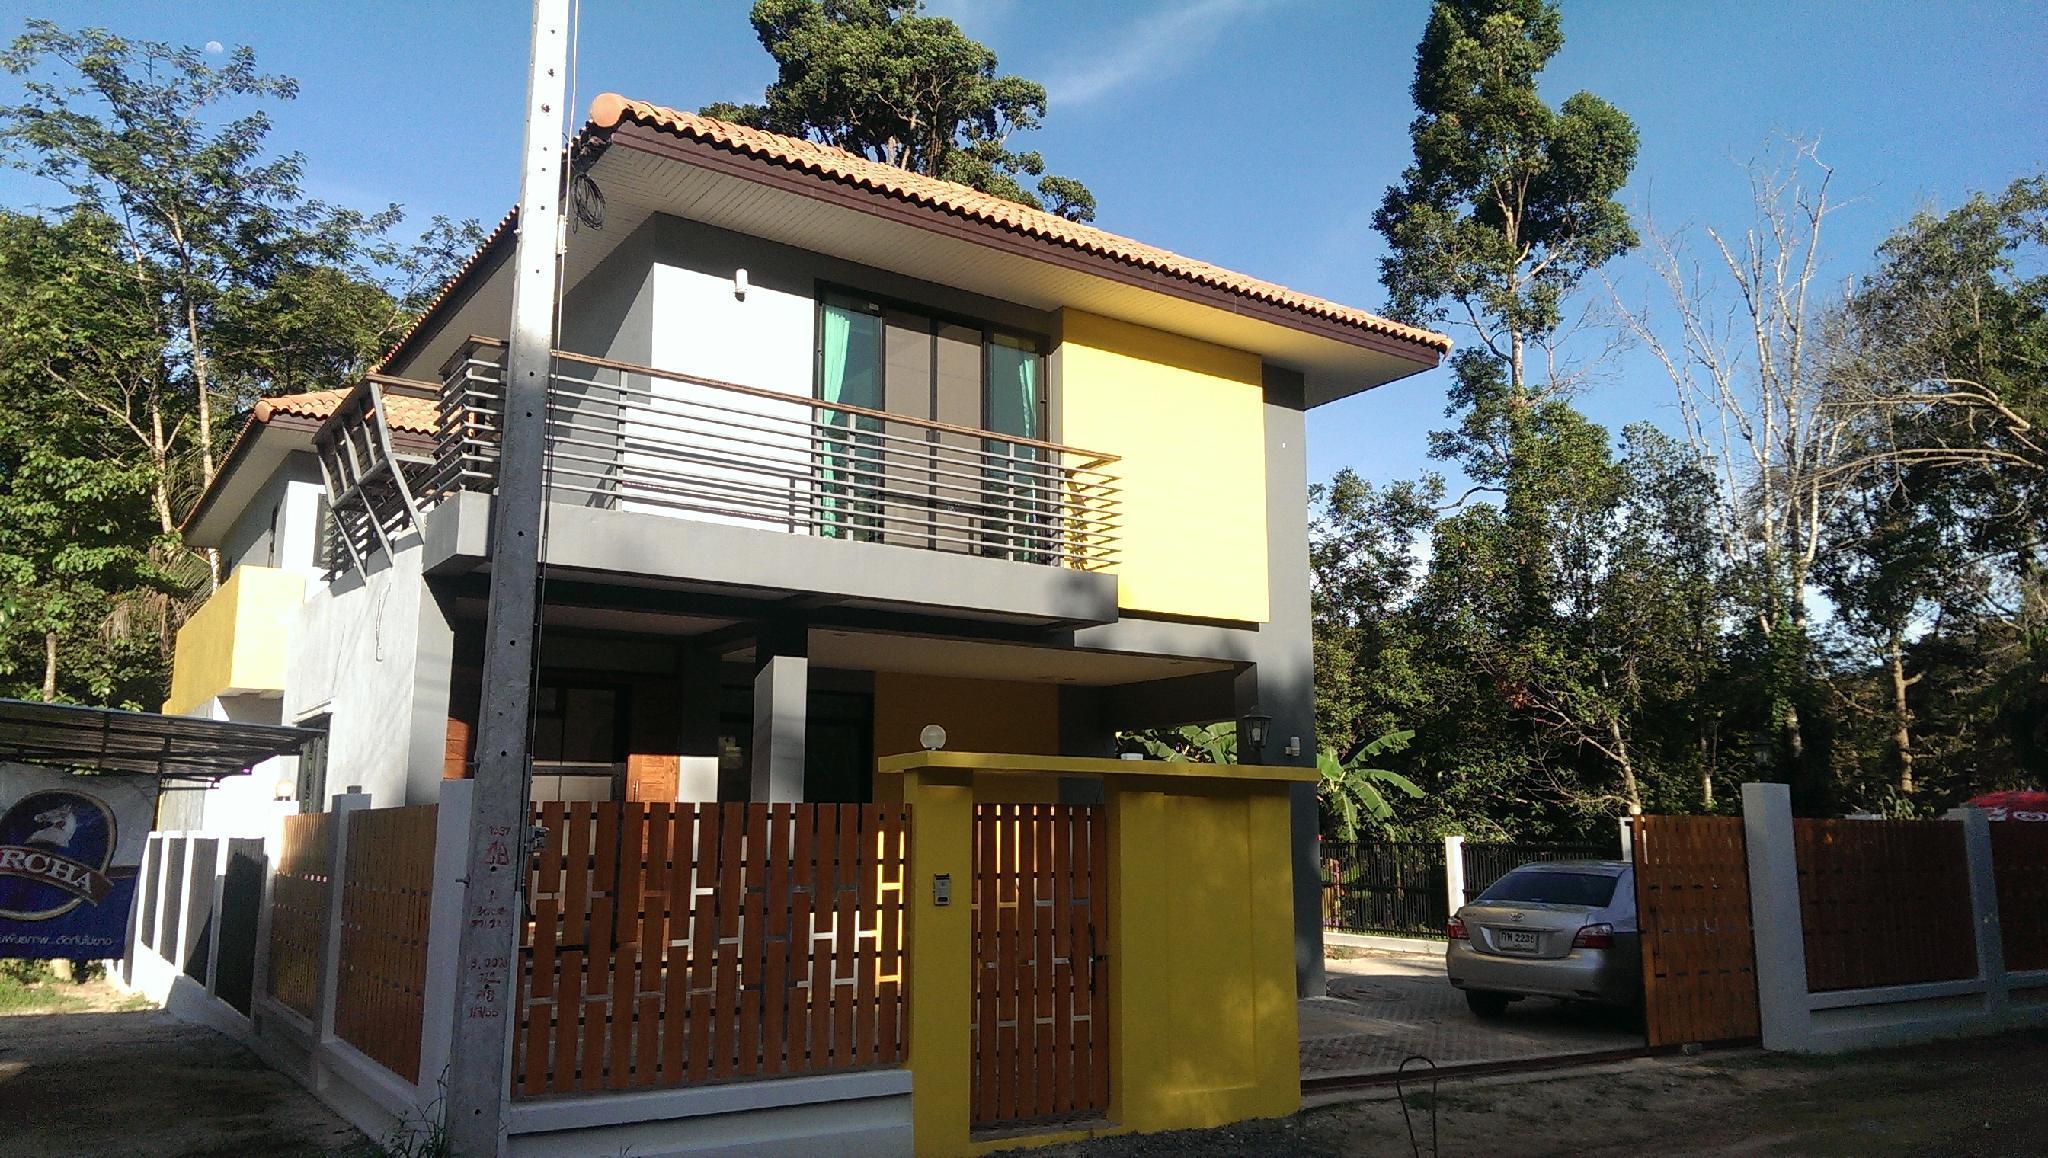 Axent Home บังกะโล 4 ห้องนอน 4 ห้องน้ำส่วนตัว ขนาด 240 ตร.ม. – ป่าคลอก